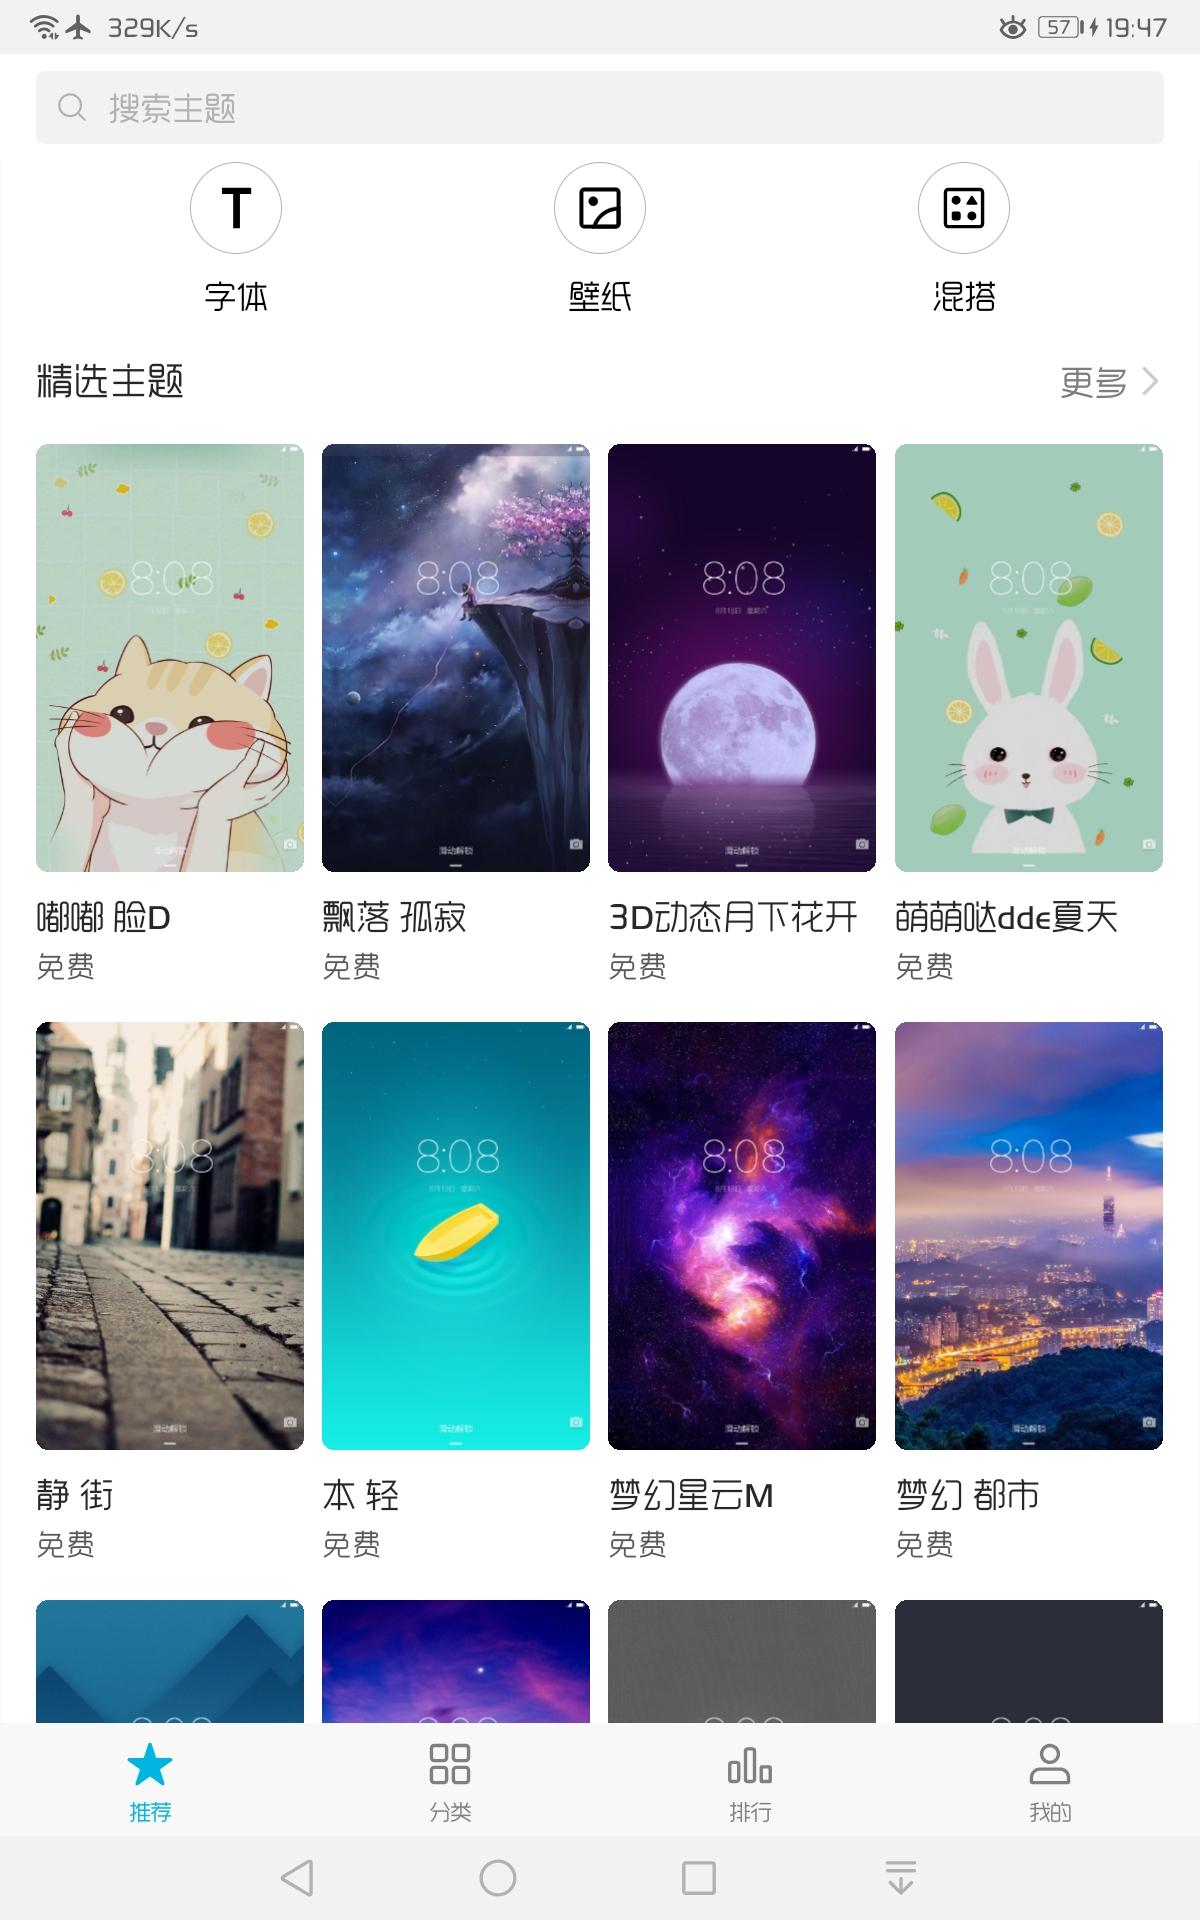 Screenshot_20190326_194743_com.huawei.android.the.jpg